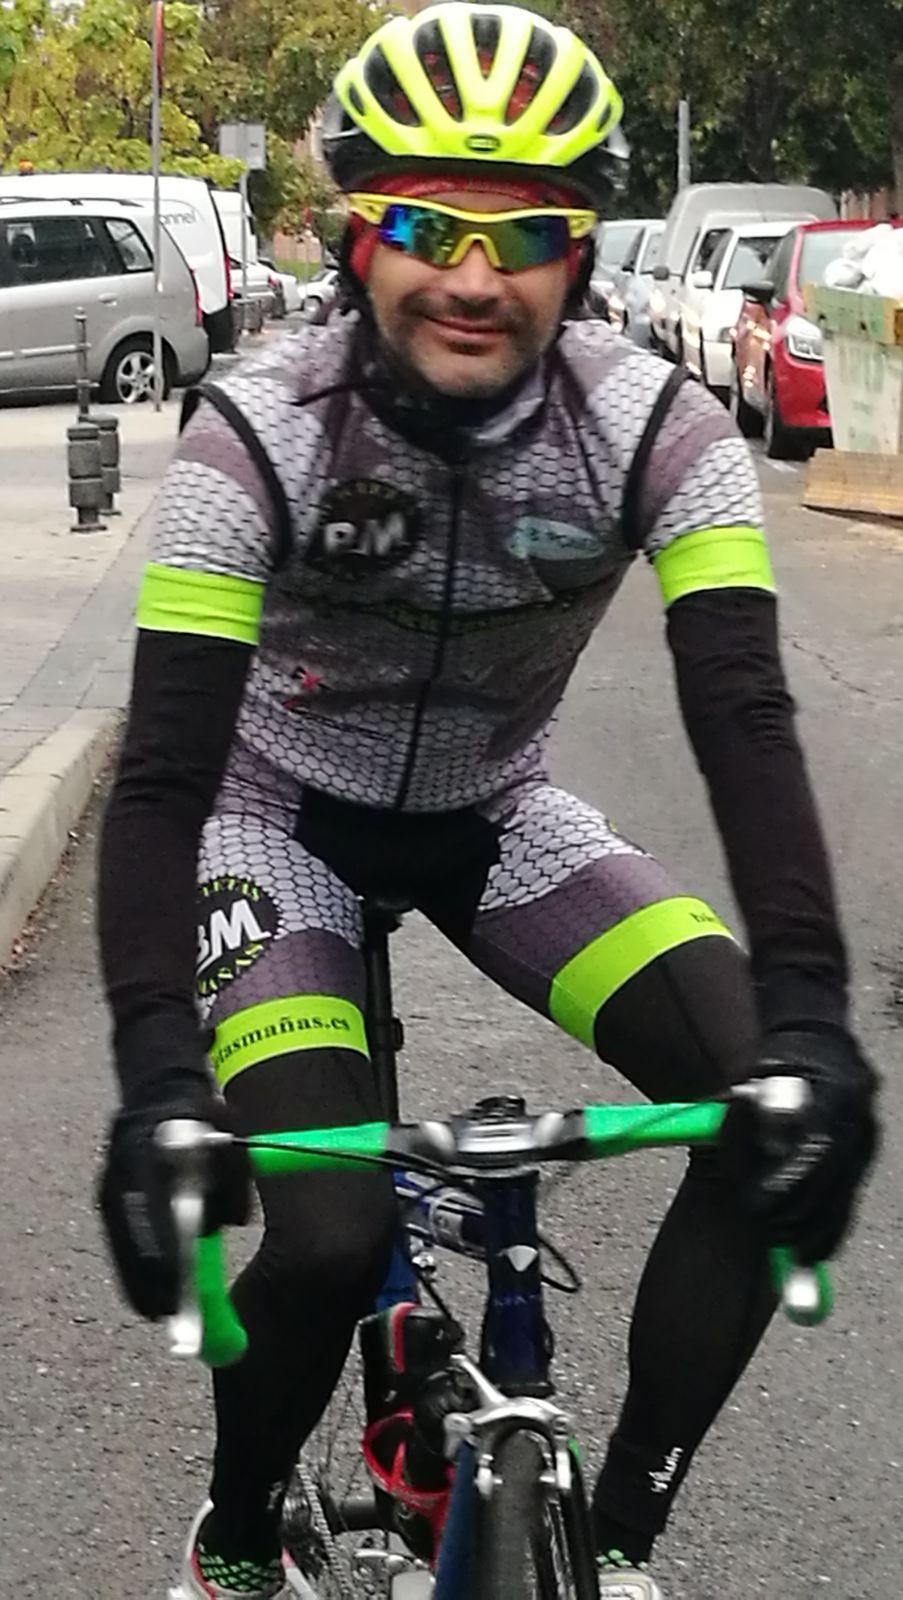 Grupeta_BM_Biciletas Mañas BM-Tienda-de-venta-y-reparacion-de-bicicletas-Ridley-Madrid